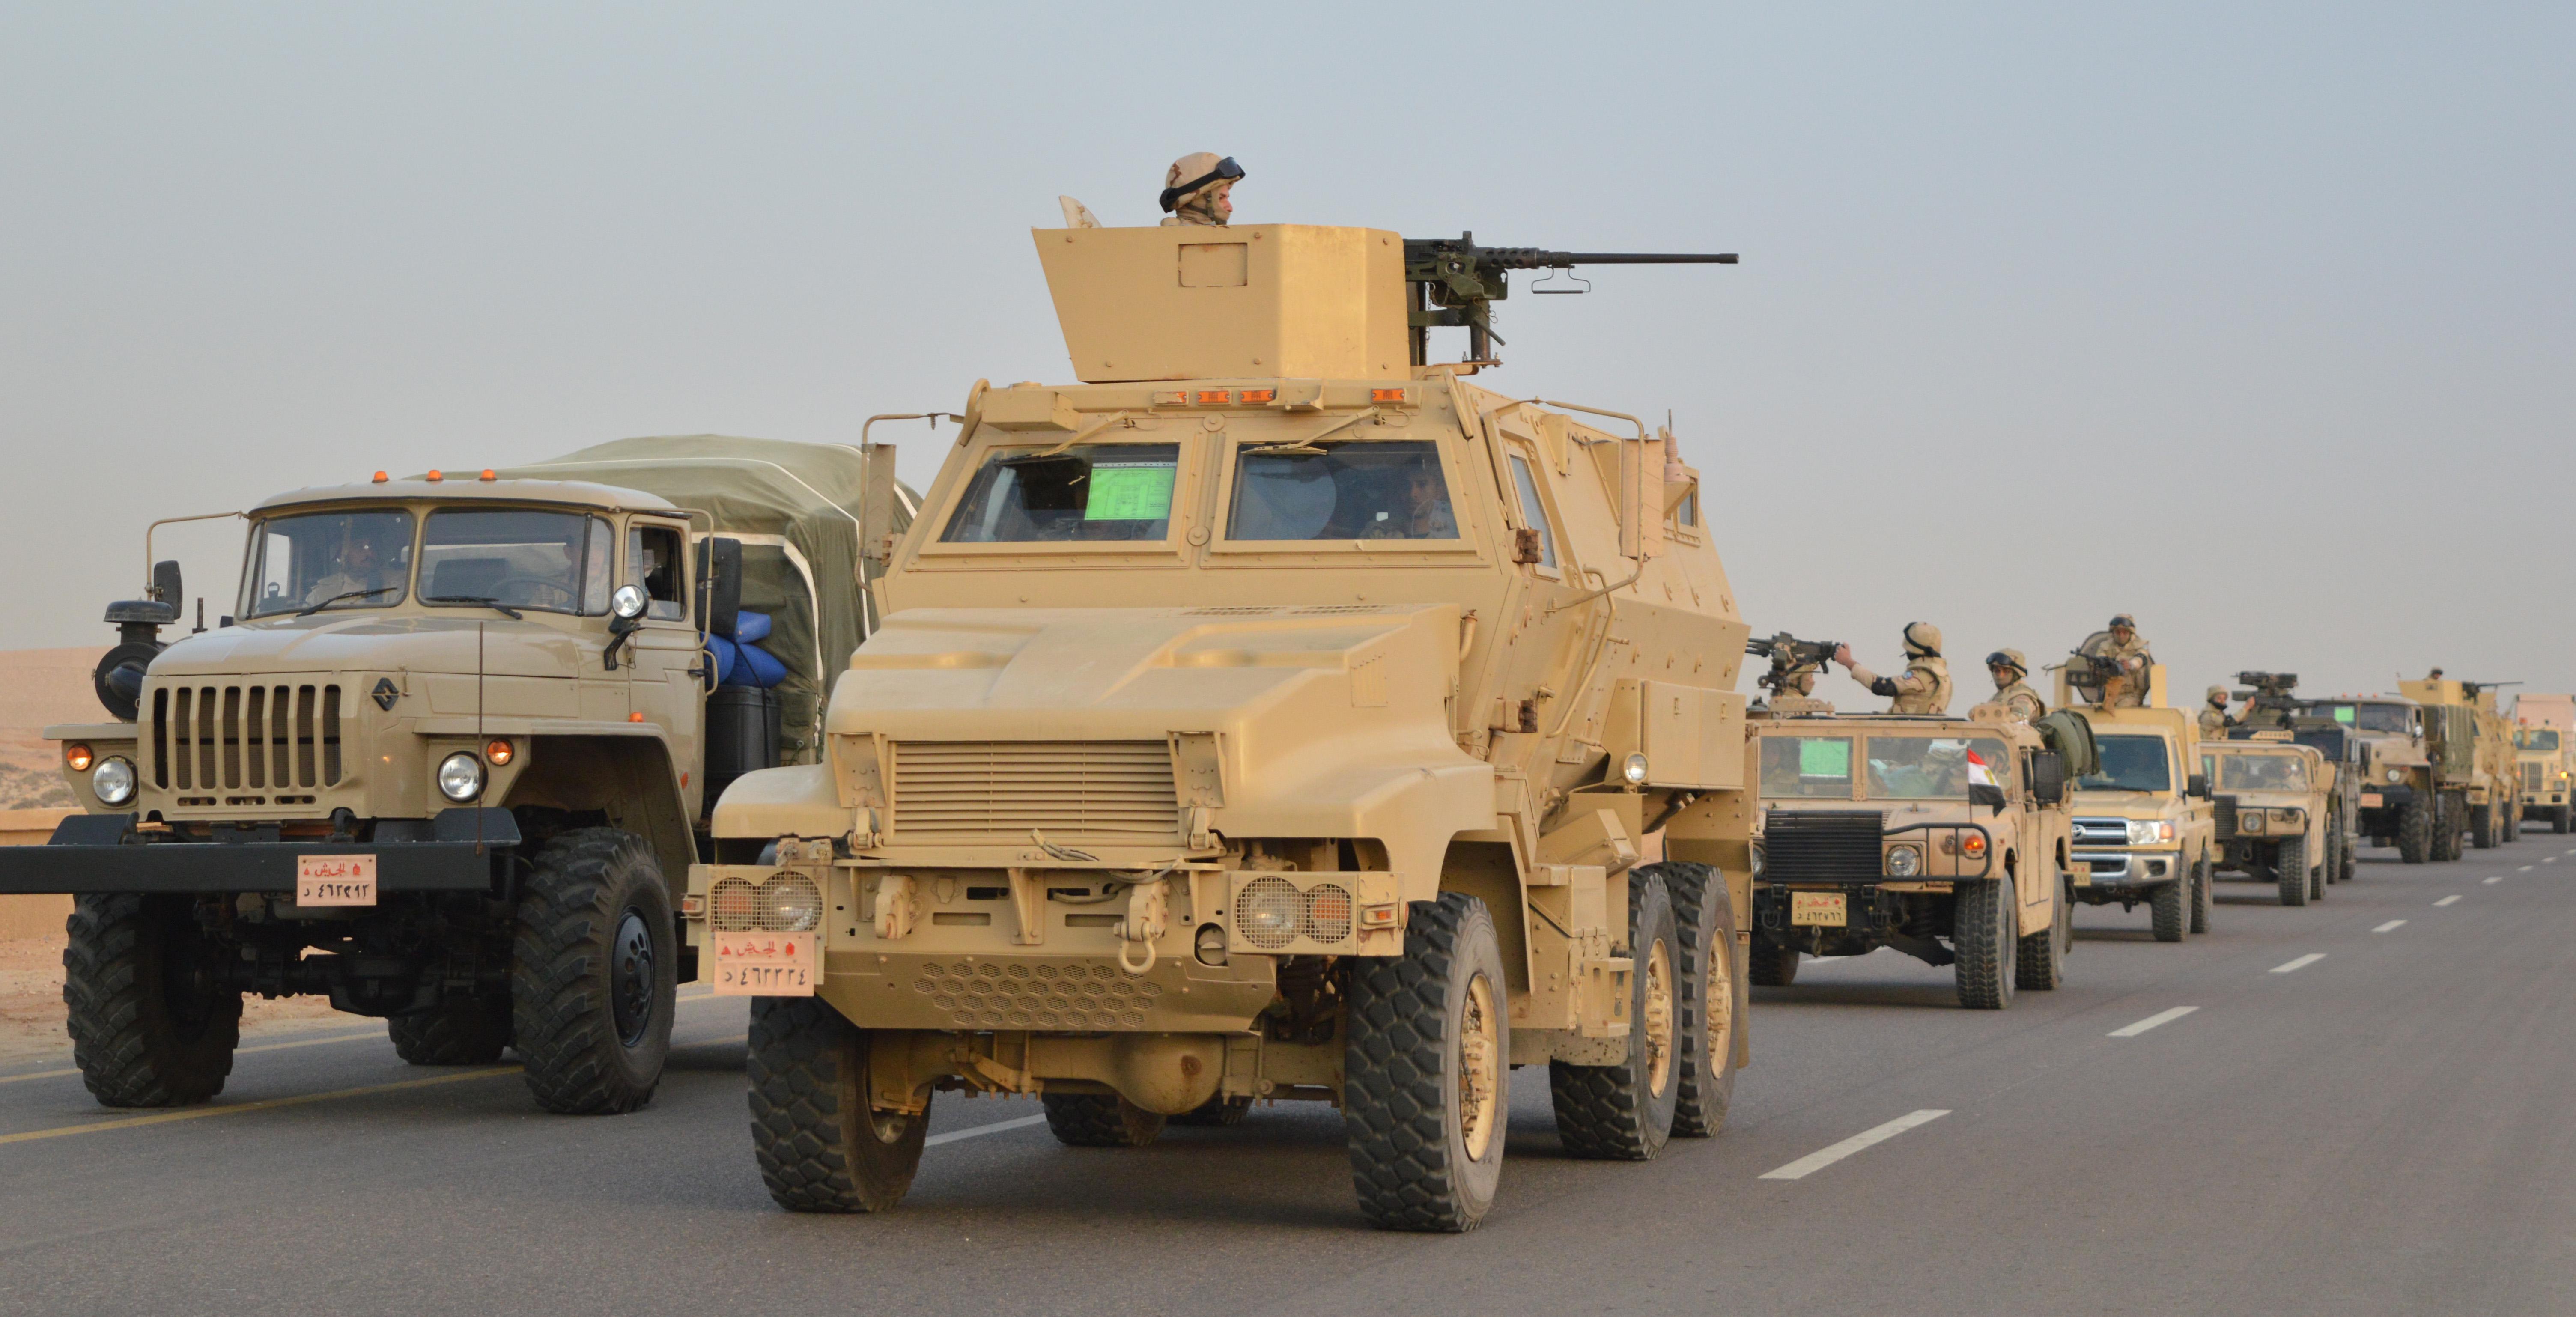 الأسلحة المشاركة فى العملية الشاملة سيناء 2018 (1)